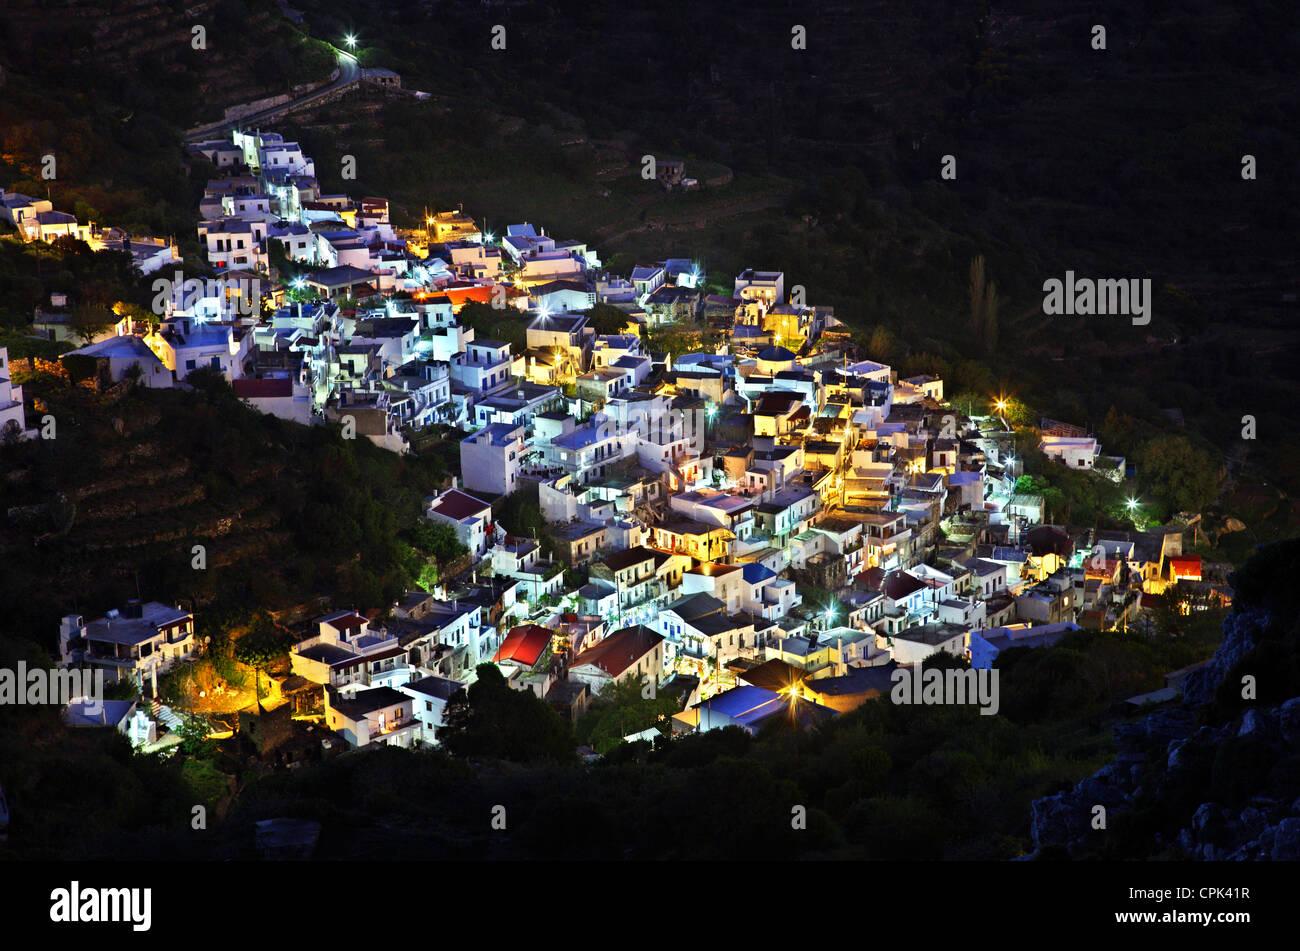 Vue de la nuit de Koronos village, l'un des plus beaux villages de montagne de l'île de Naxos, Cyclades, Photo Stock